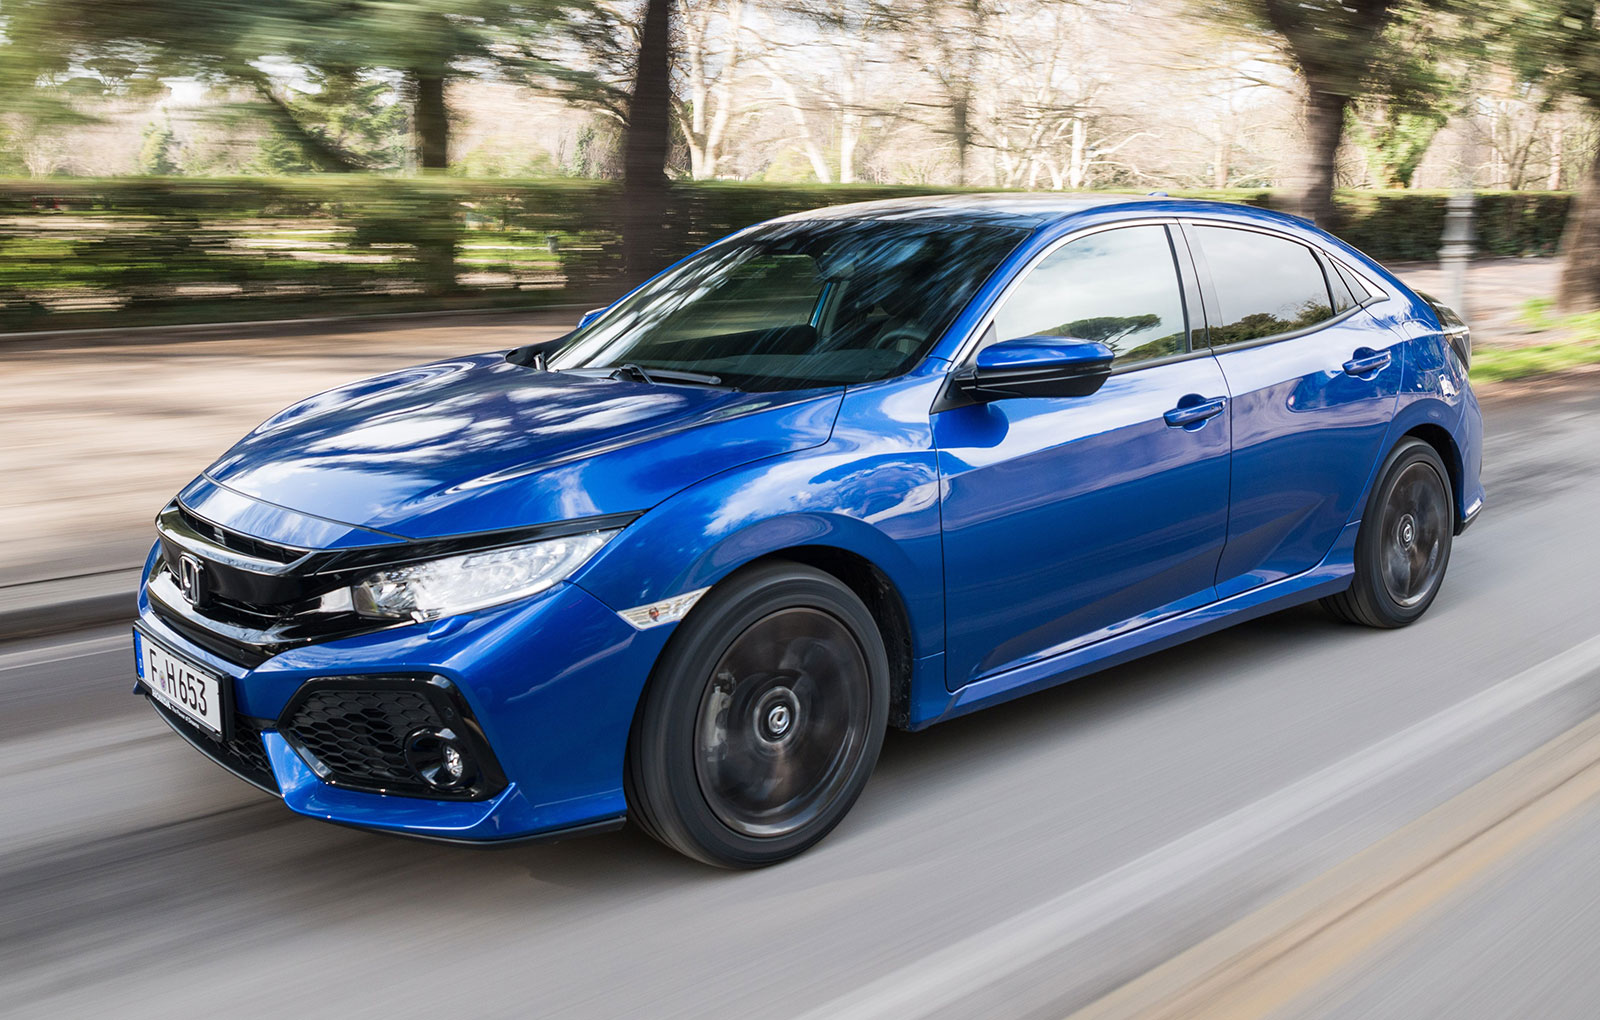 Honda Civic 1.6 i-DTEC 120 CV: spaziosa, sportiva e con i ...